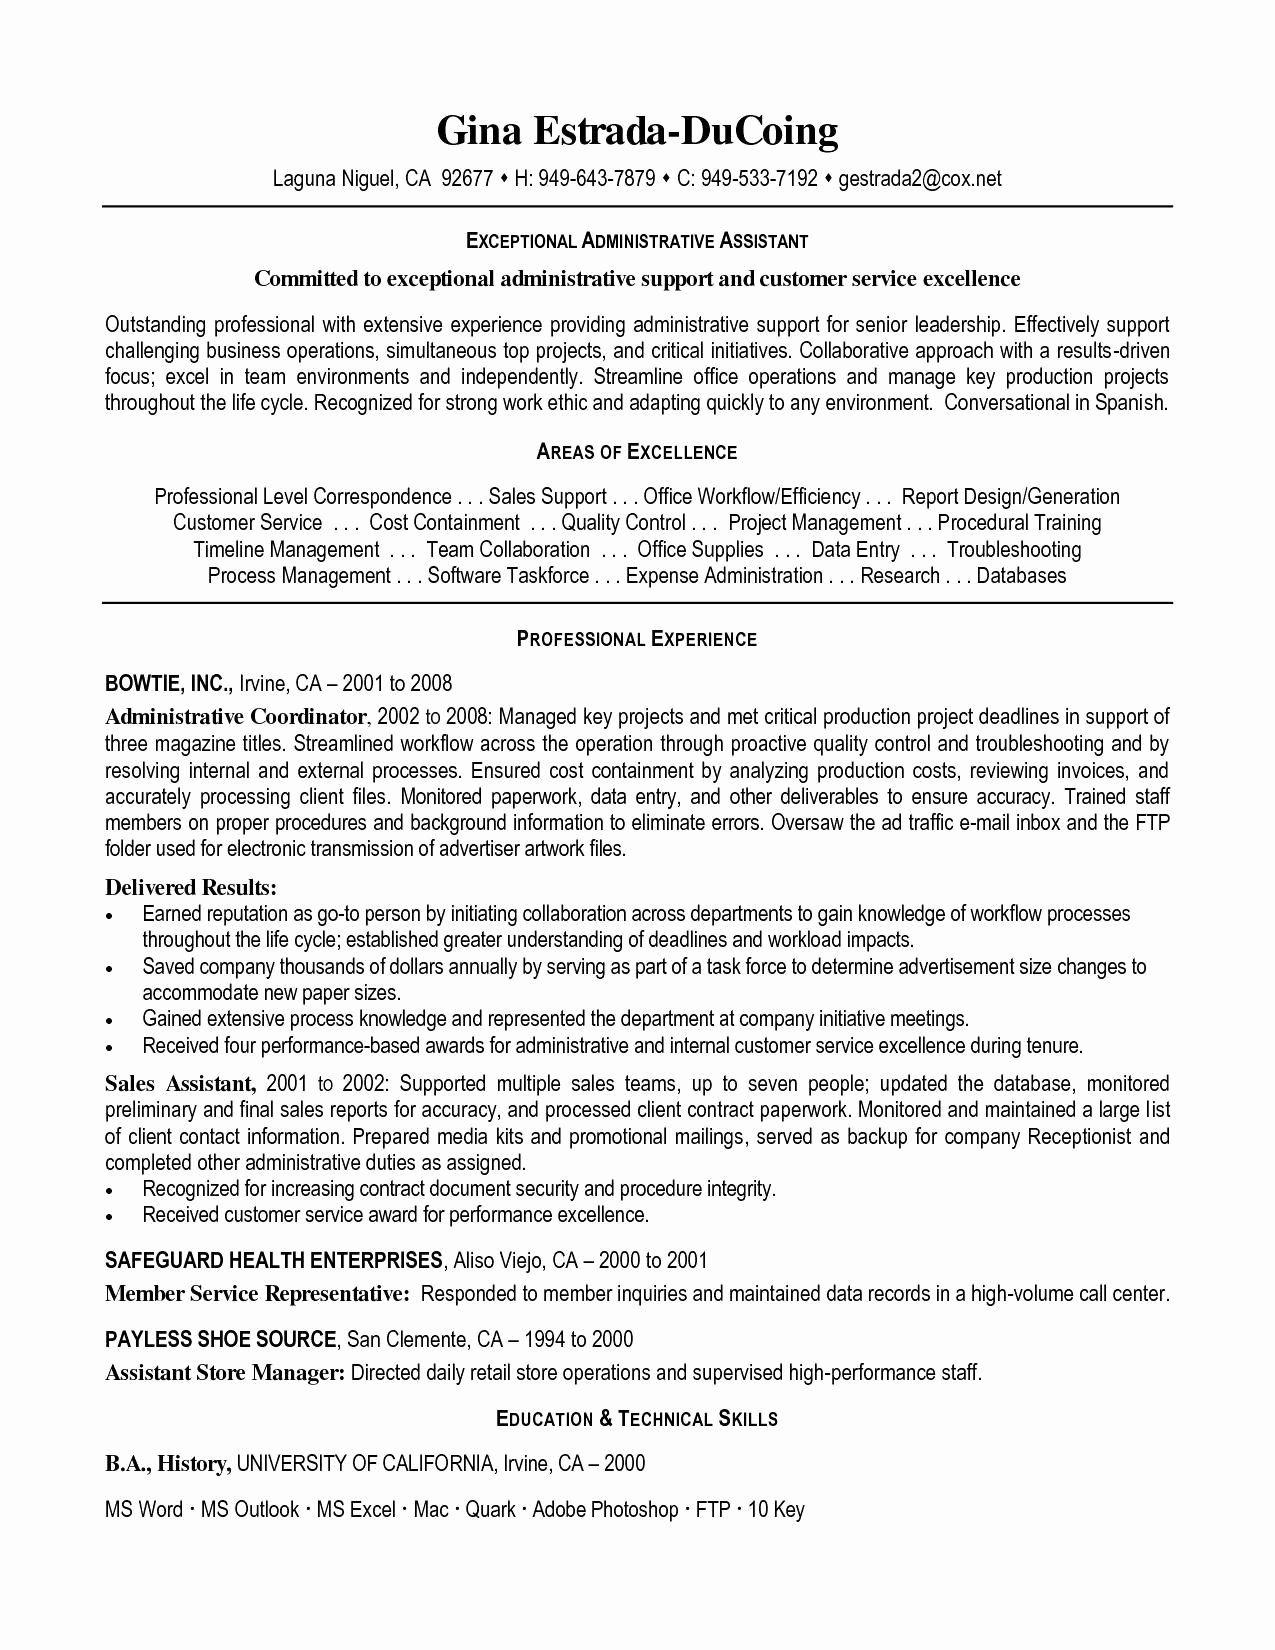 Graduate Research Assistant Resume Unique 12 13 Research Assistant Cv Template